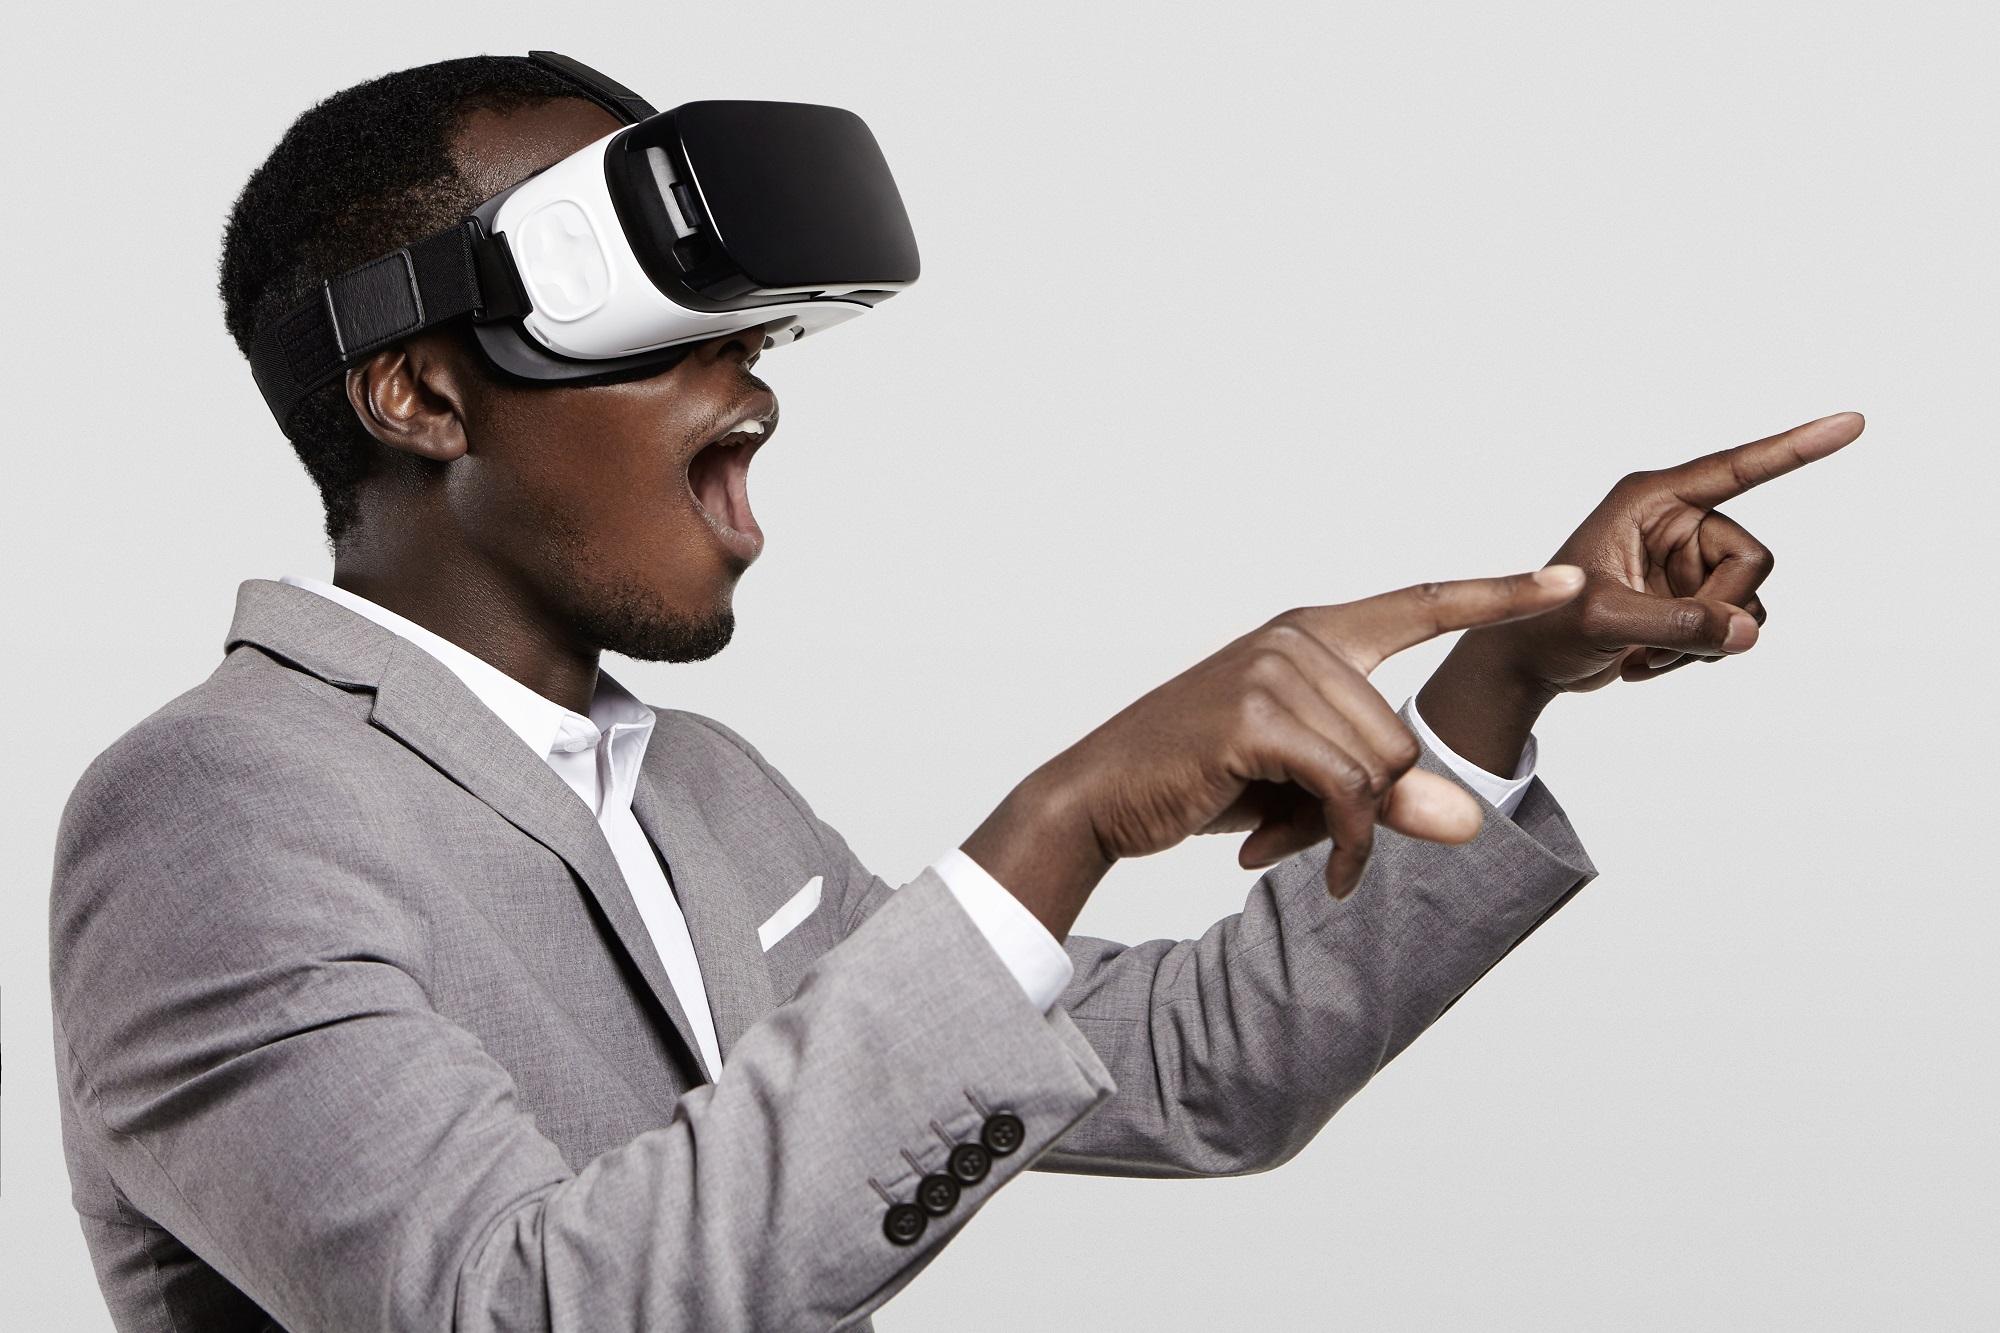 Réalité virtuelle : à quoi ça sert dans l'immobilier ?